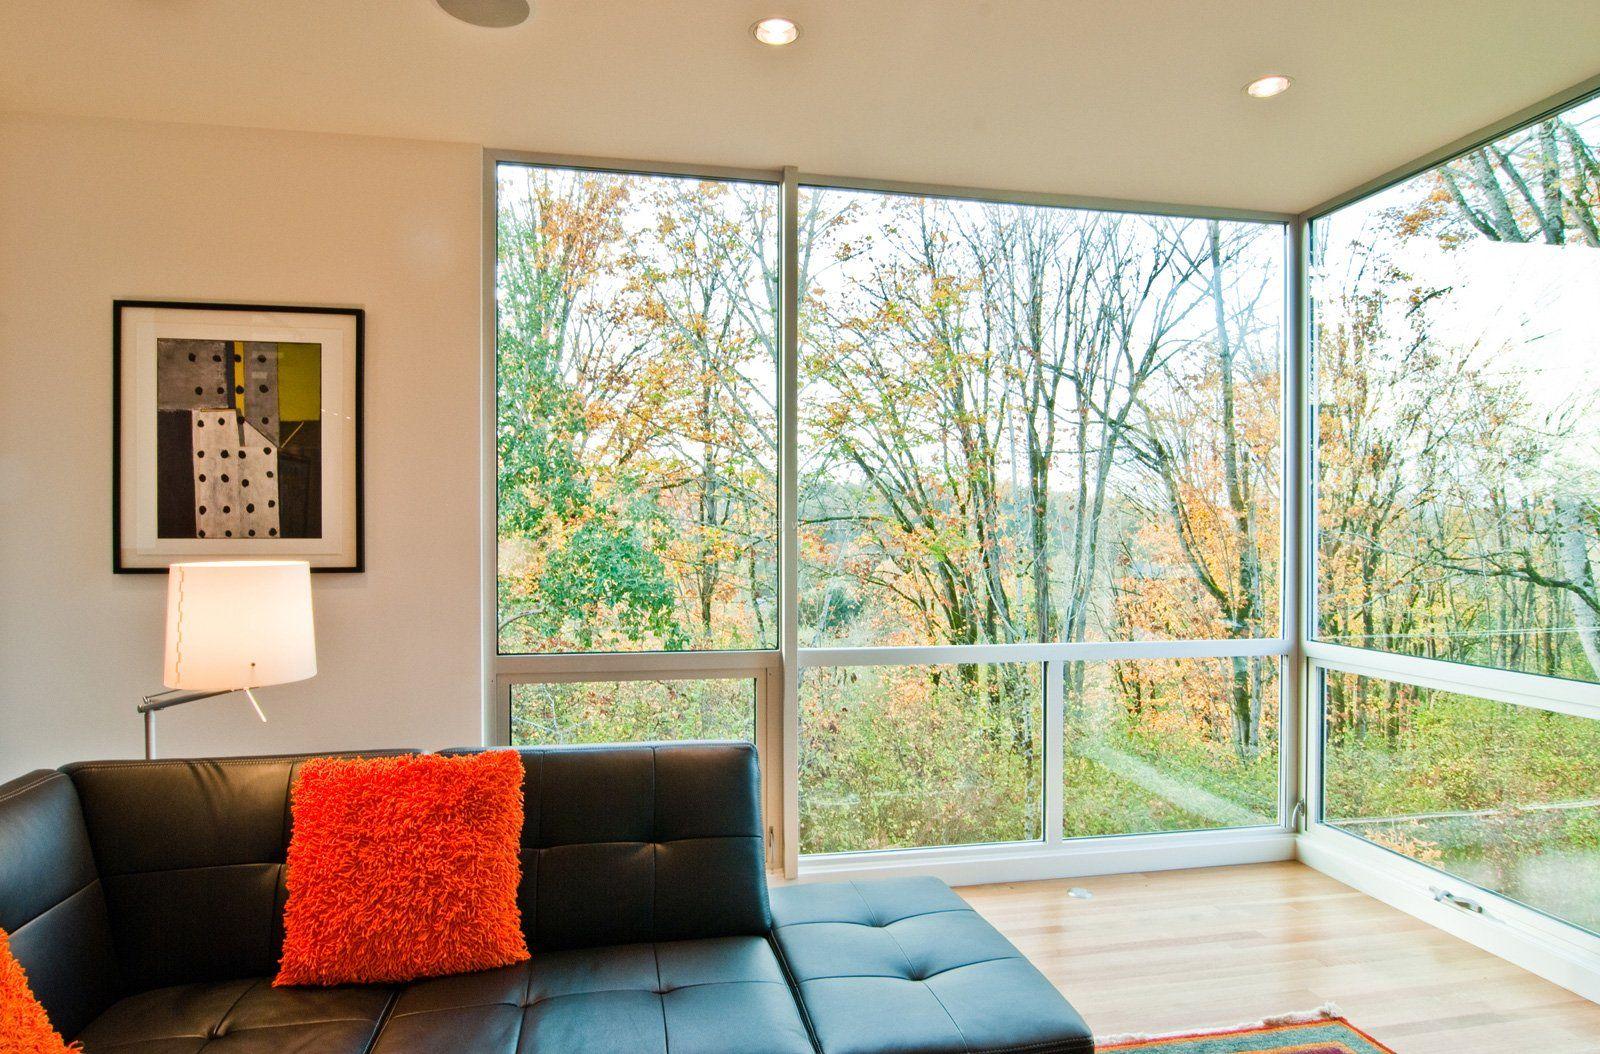 2018别墅客厅大落地窗设计效果图图片